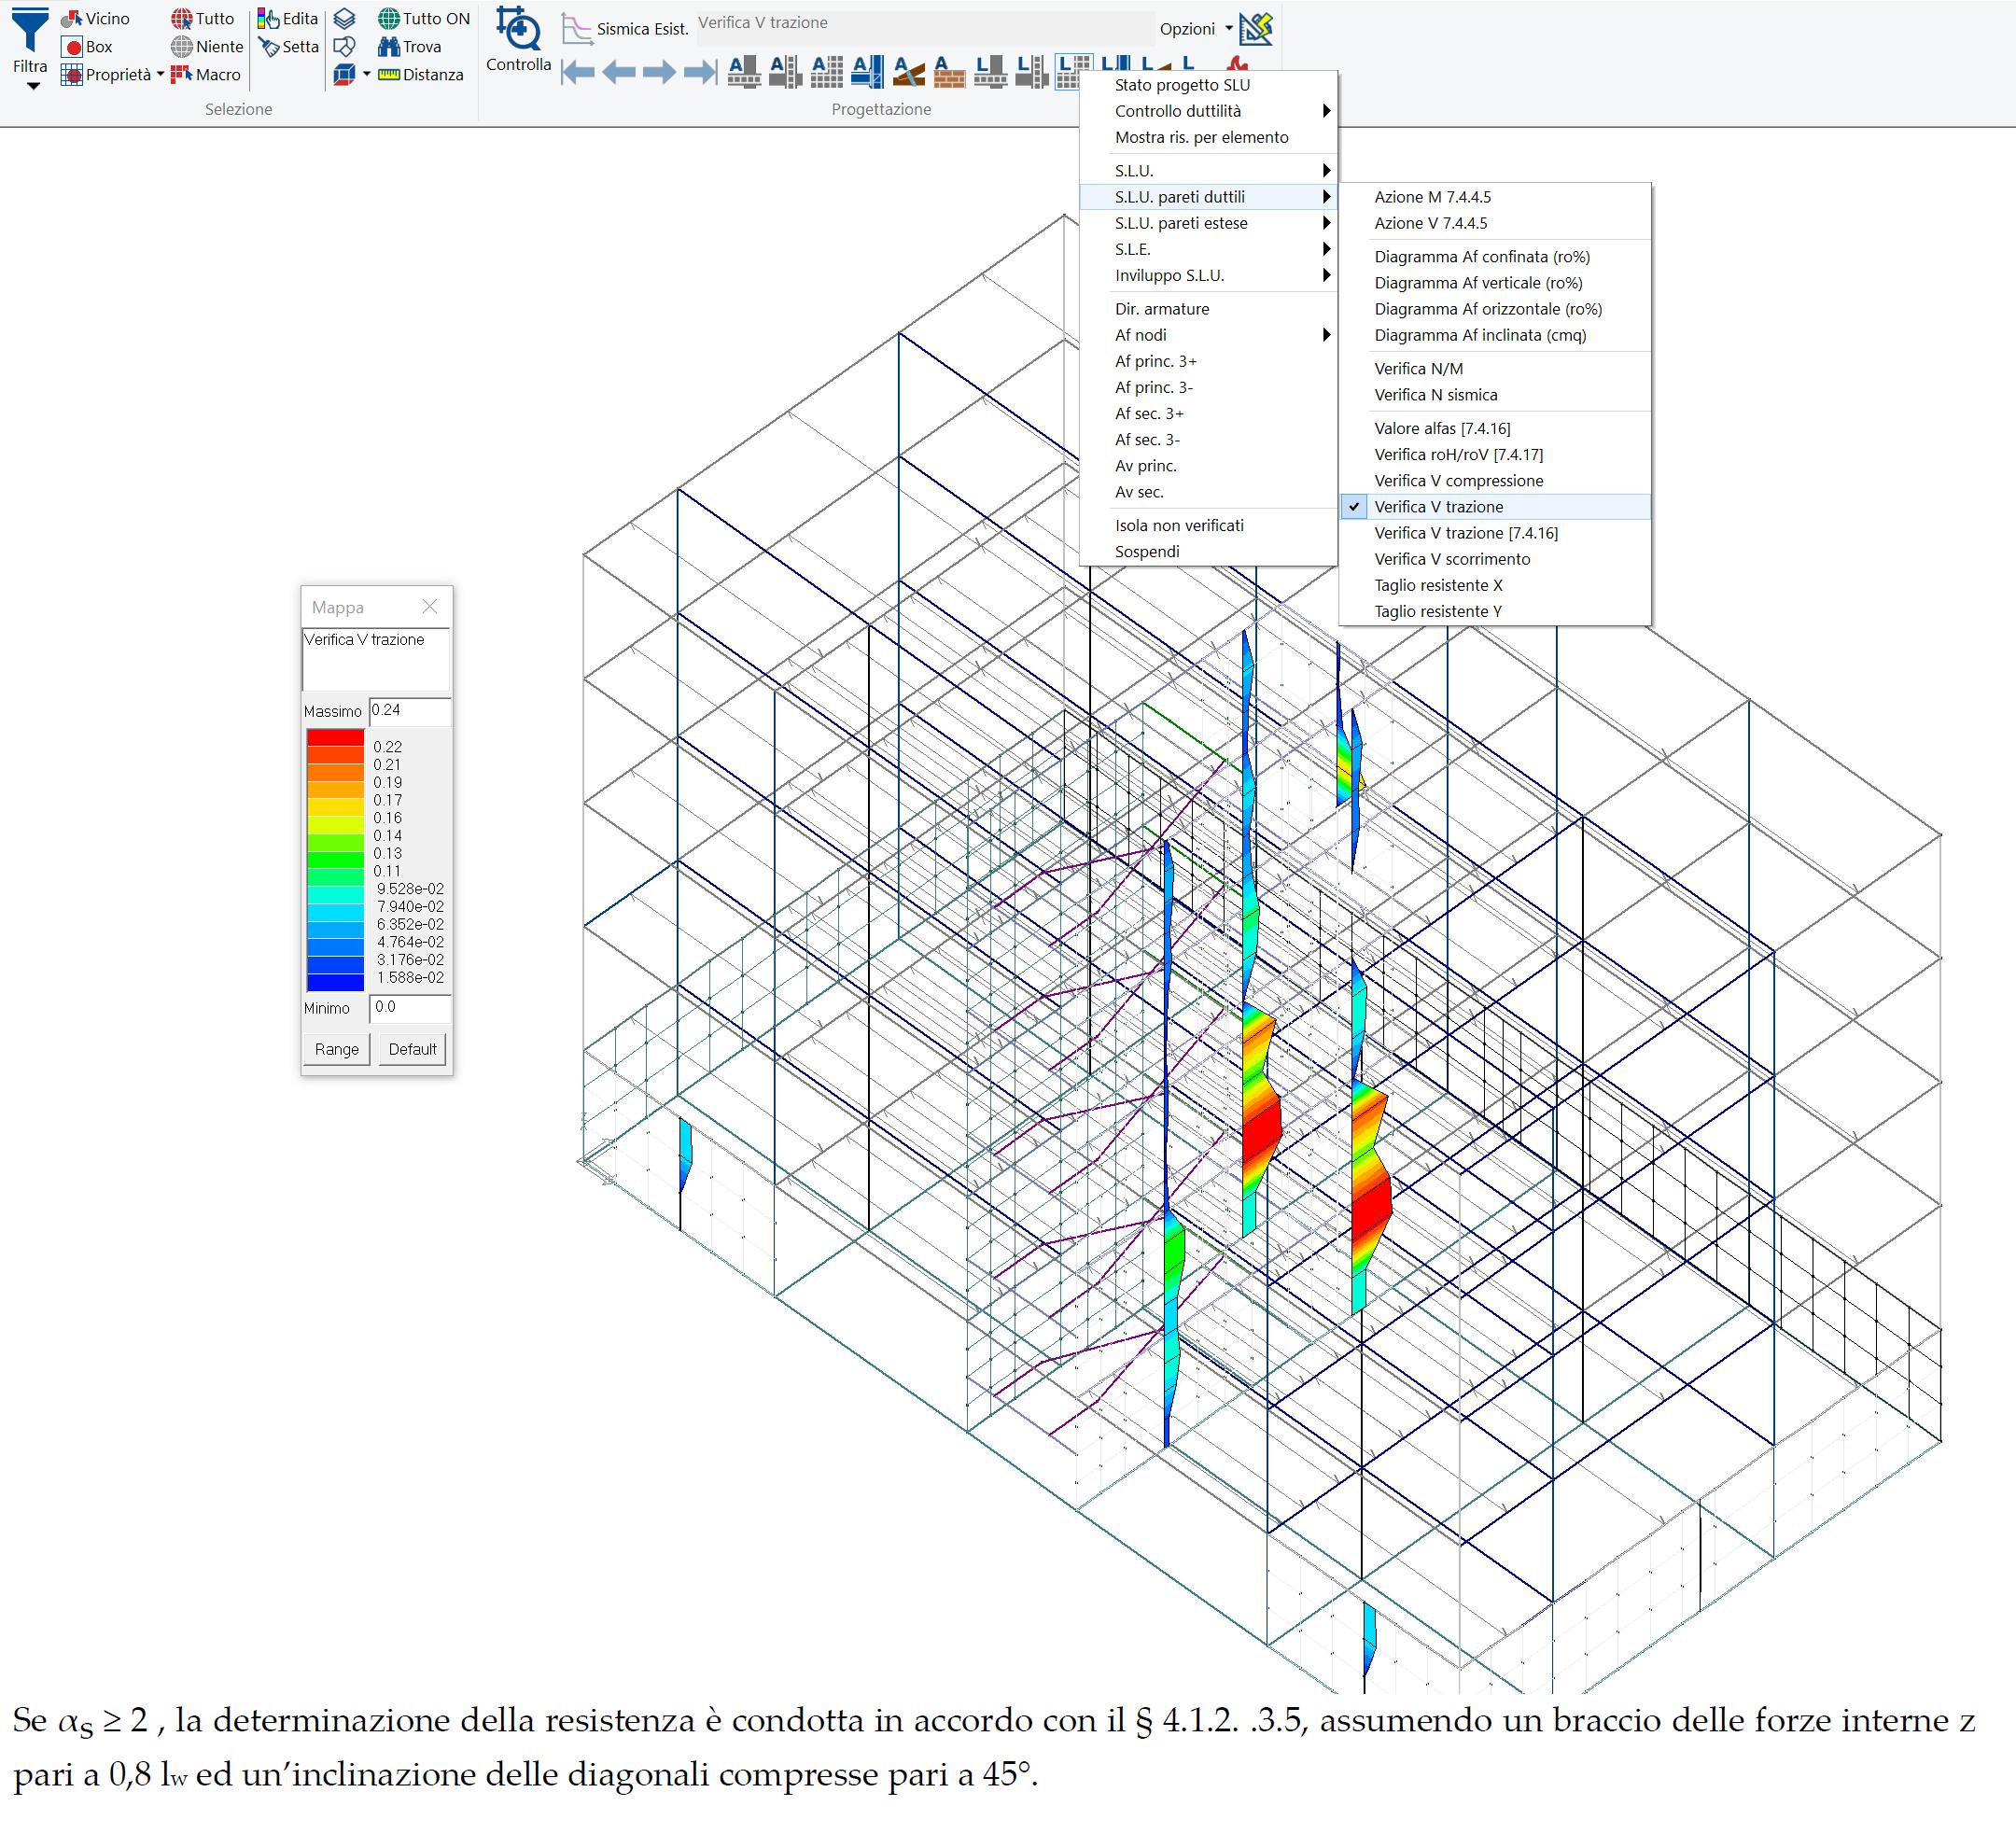 PROSAP: mappa delle verifiche a taglio lato acciaio per le pareti duttili